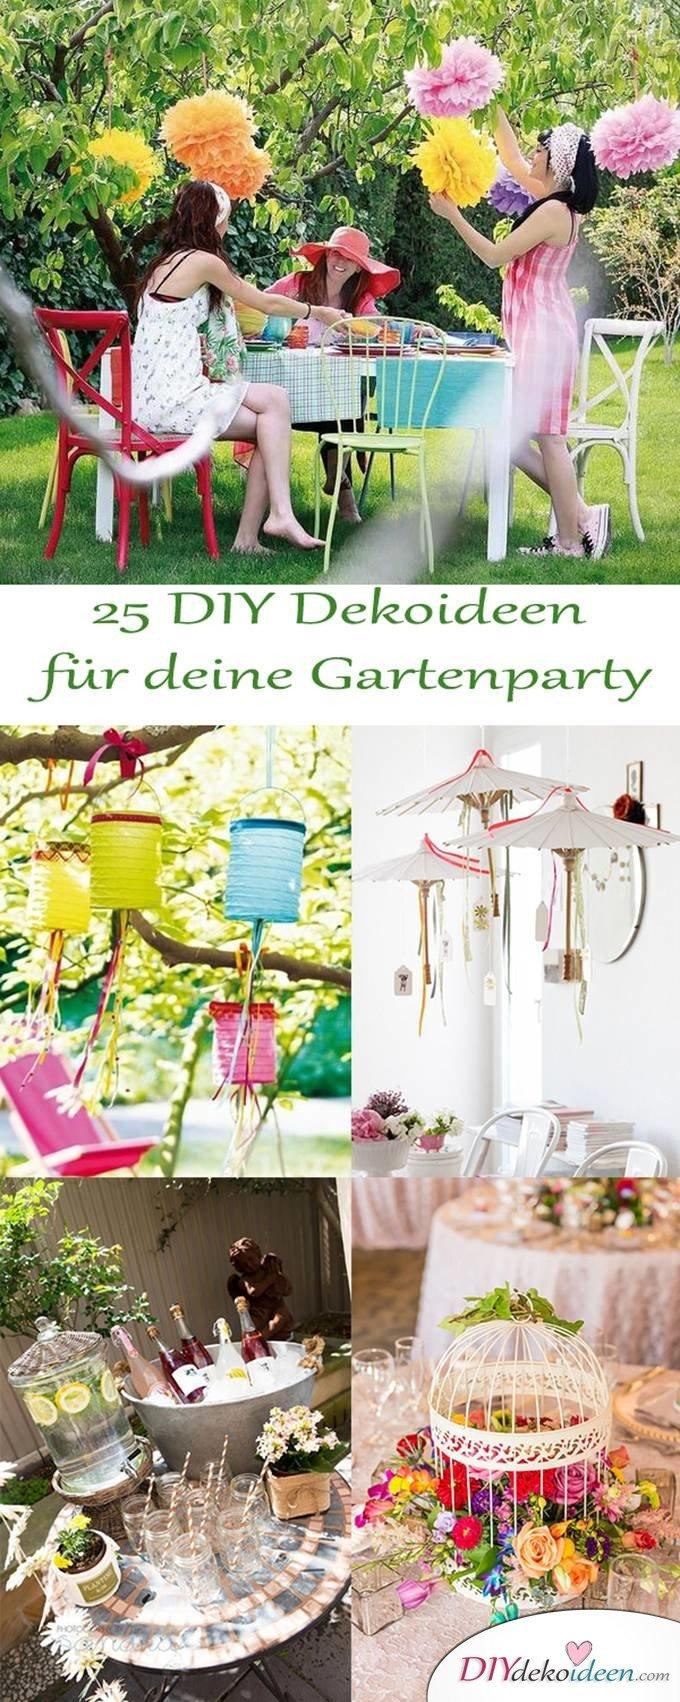 DIY Gartenparty Deko - 25 Dekoideen